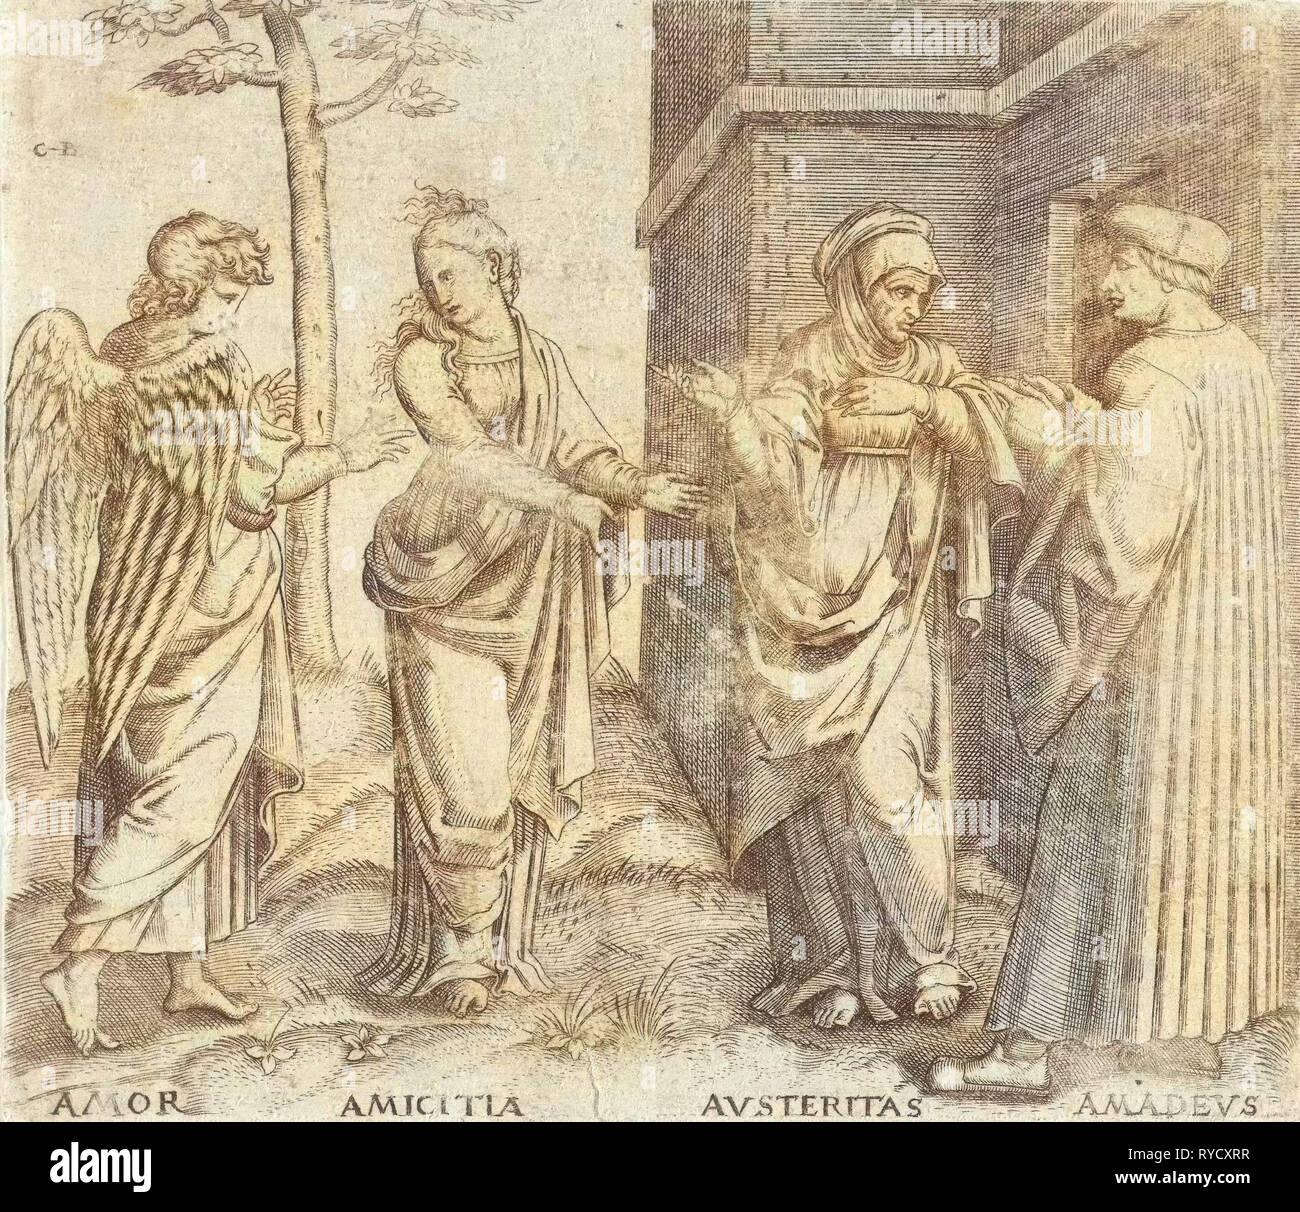 Amadeus Berutti con austeridad (Austeritas) y de amistad (Amicitia) y Love (Amor), Cornelis Bos, Marcantonio Raimondi, c. 1537 - c. 1555 Imagen De Stock